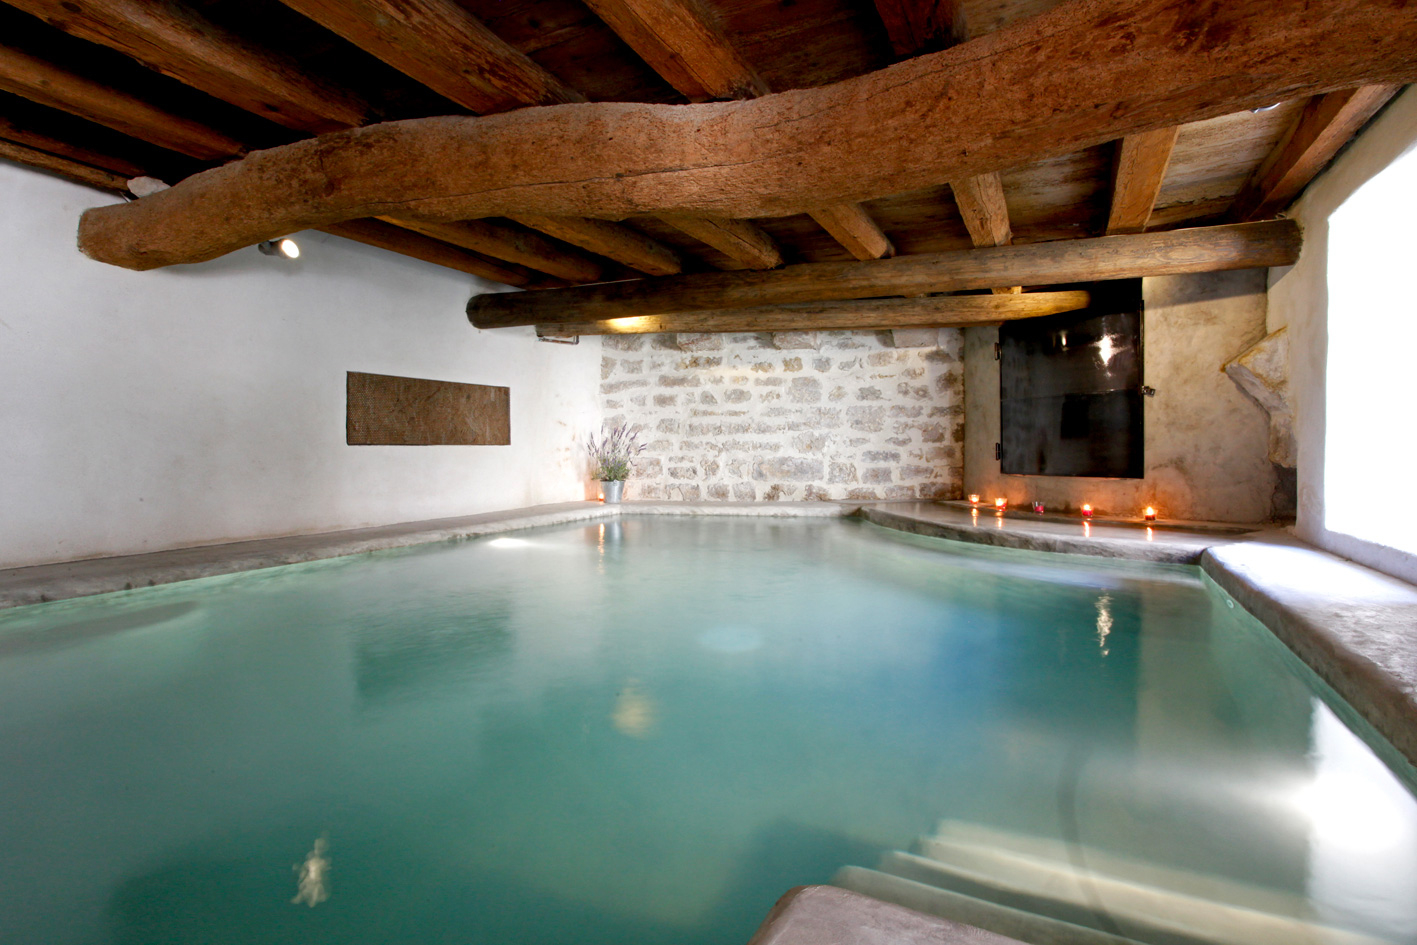 Provence Maison Avec Piscine Couverte dedans Location Avec Piscine Intérieure Chauffée Privée